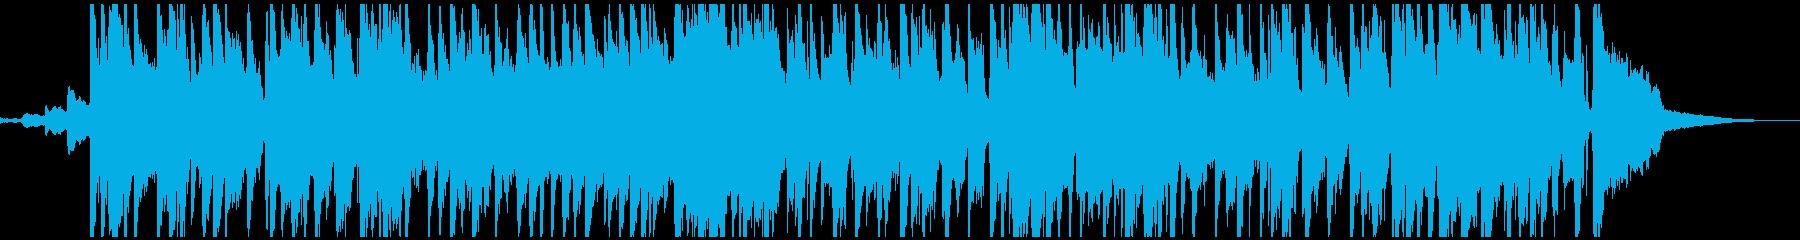 生演奏・ジングルベルビッグバンドアレンジの再生済みの波形